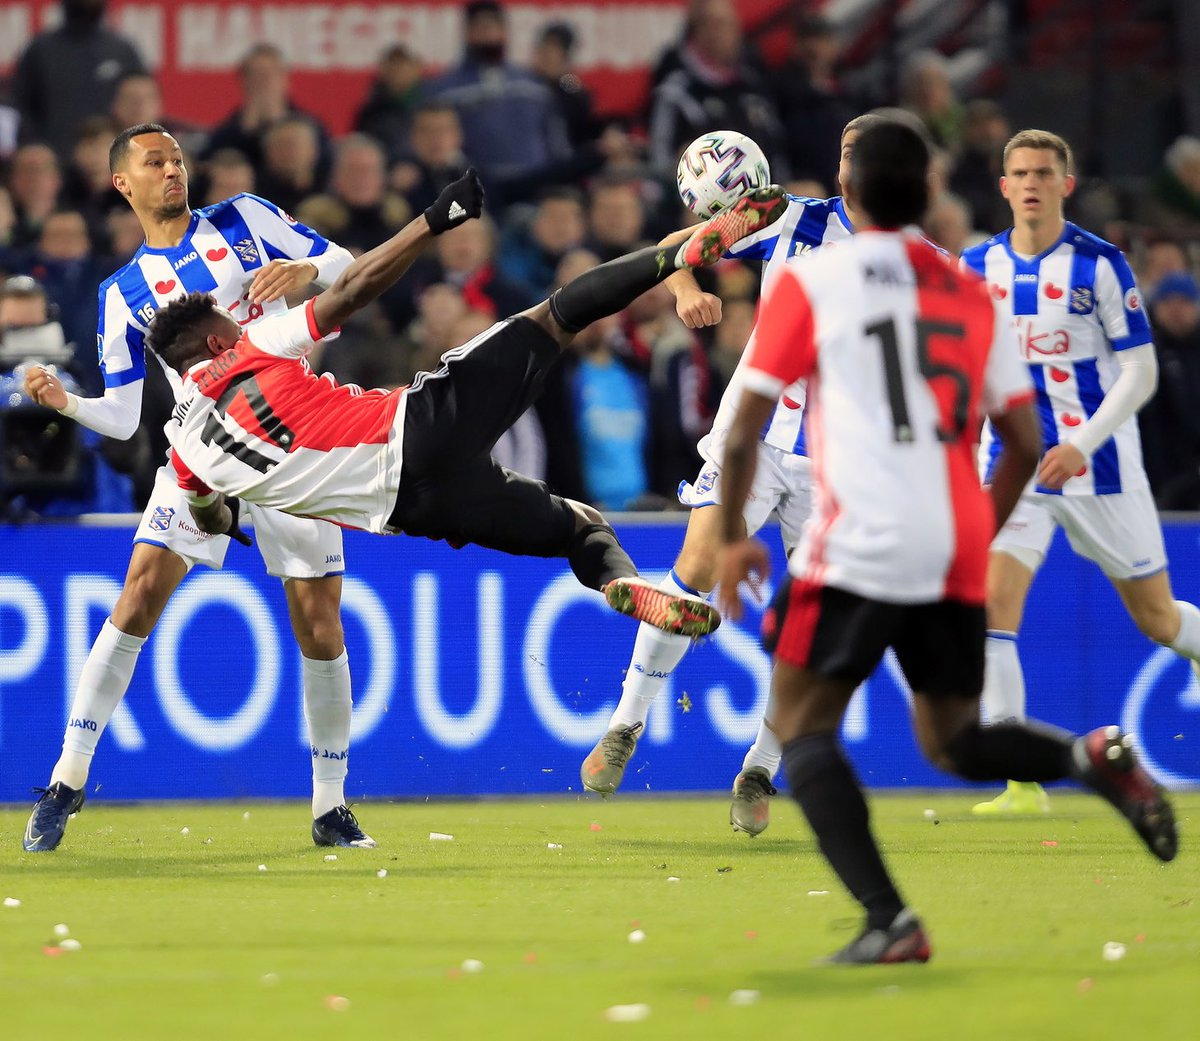 test Twitter Media - Flying into a new week like...   #feyhee #Feyenoord https://t.co/HewbCdNFs9